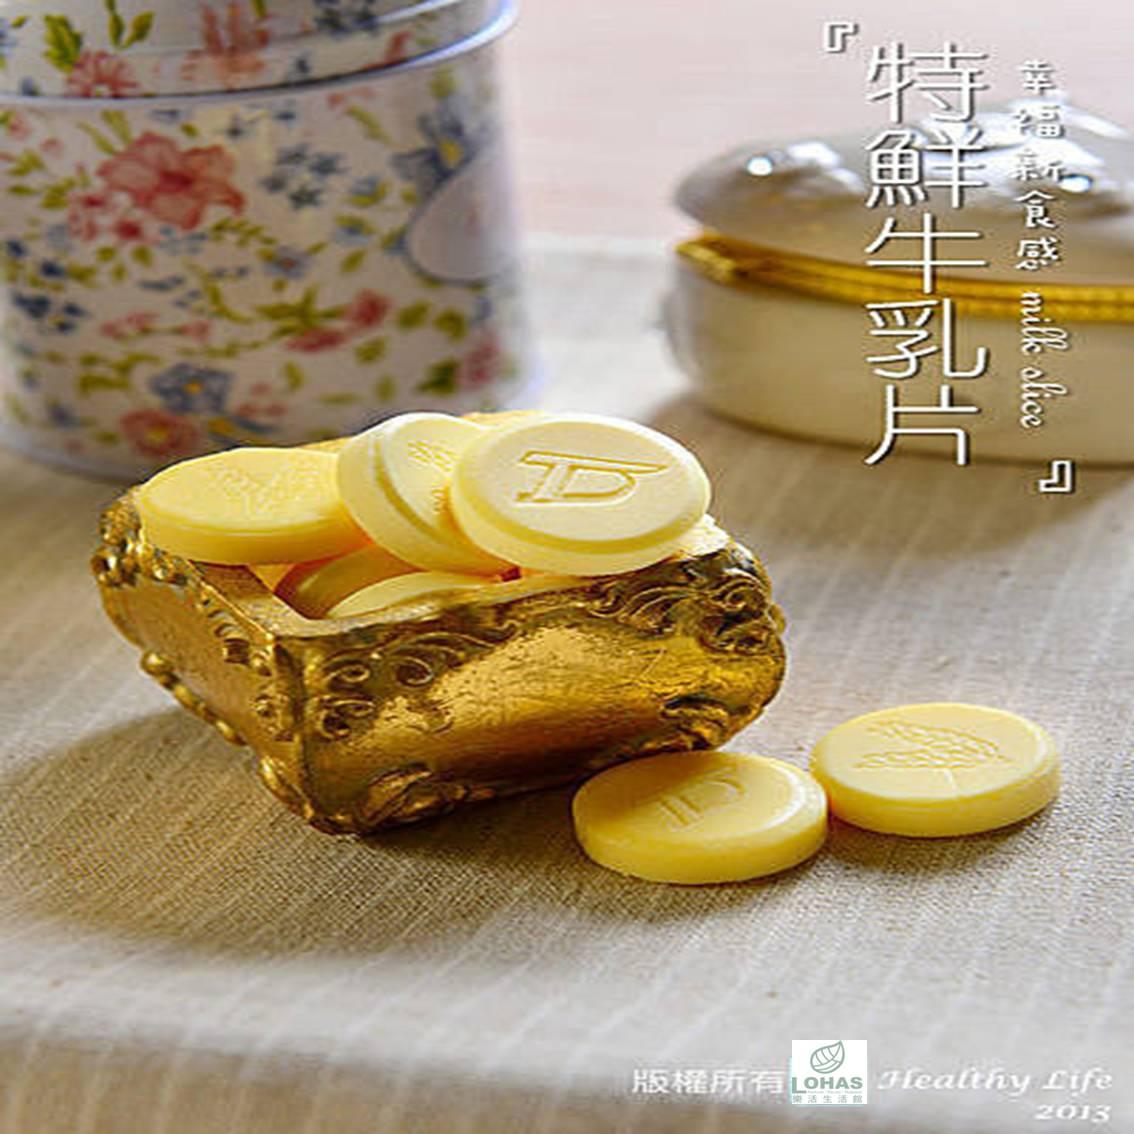 牛乳片/羊乳片500g   樂活生活館